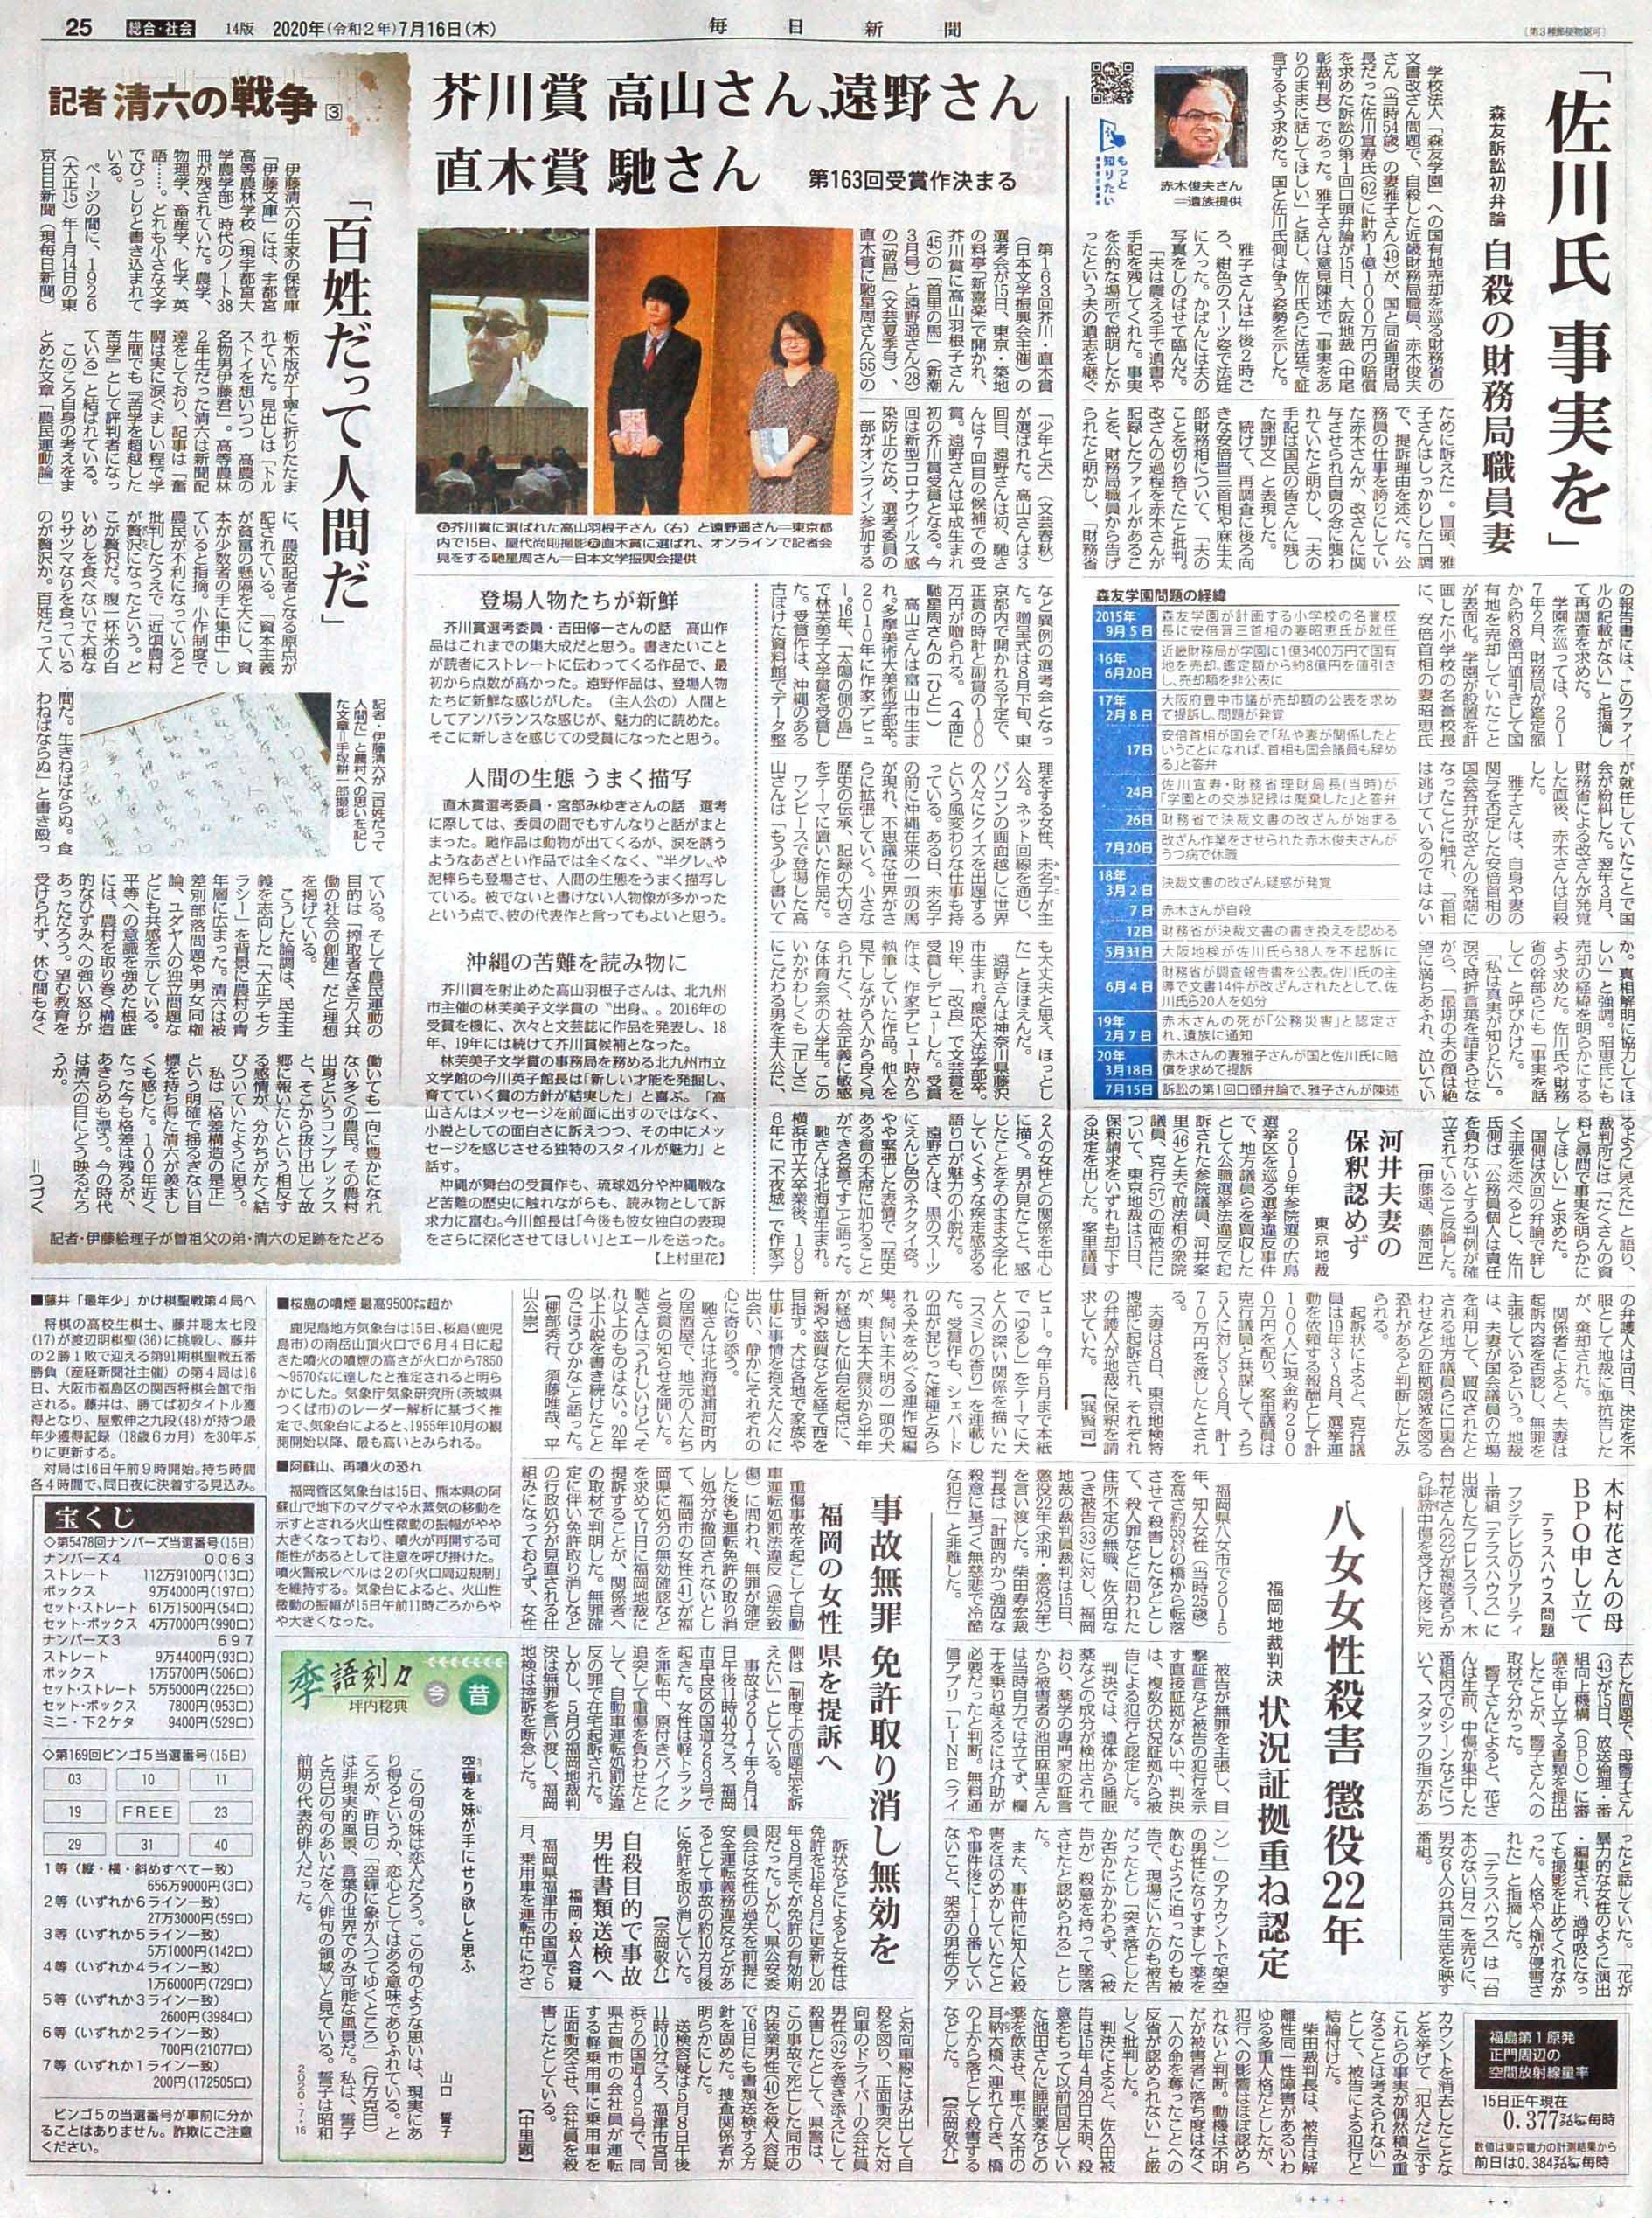 mainichi200716moritomo-saiban-r.jpg